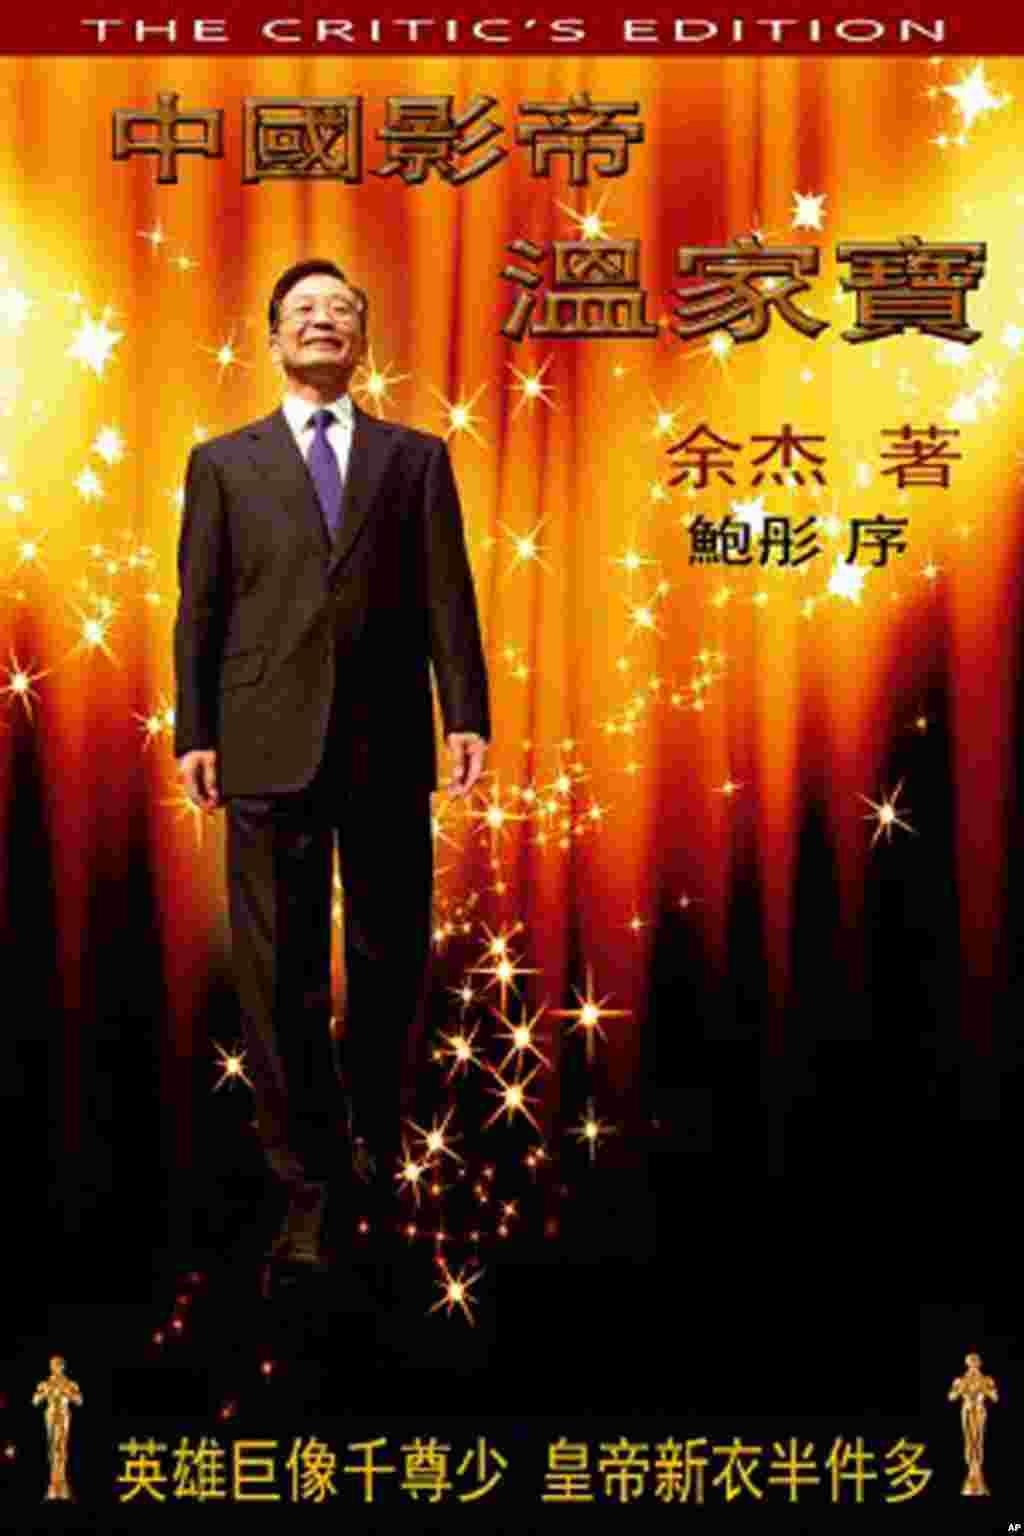 中国异议作家余杰